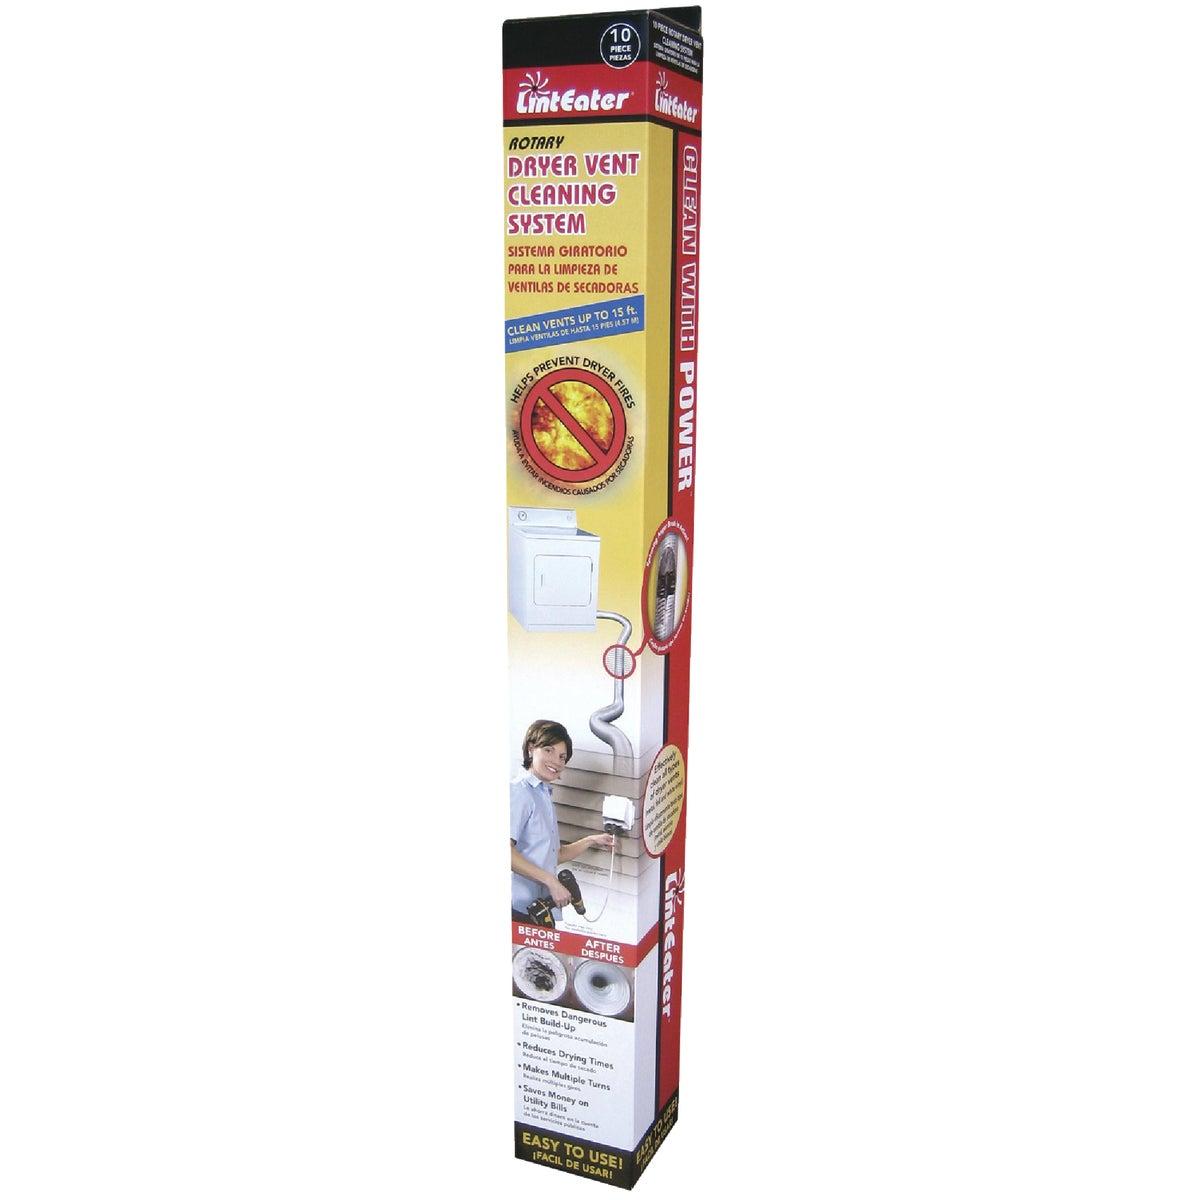 10PC DRYR VENT CLEAN KIT - RLE202 by Gardus Inc